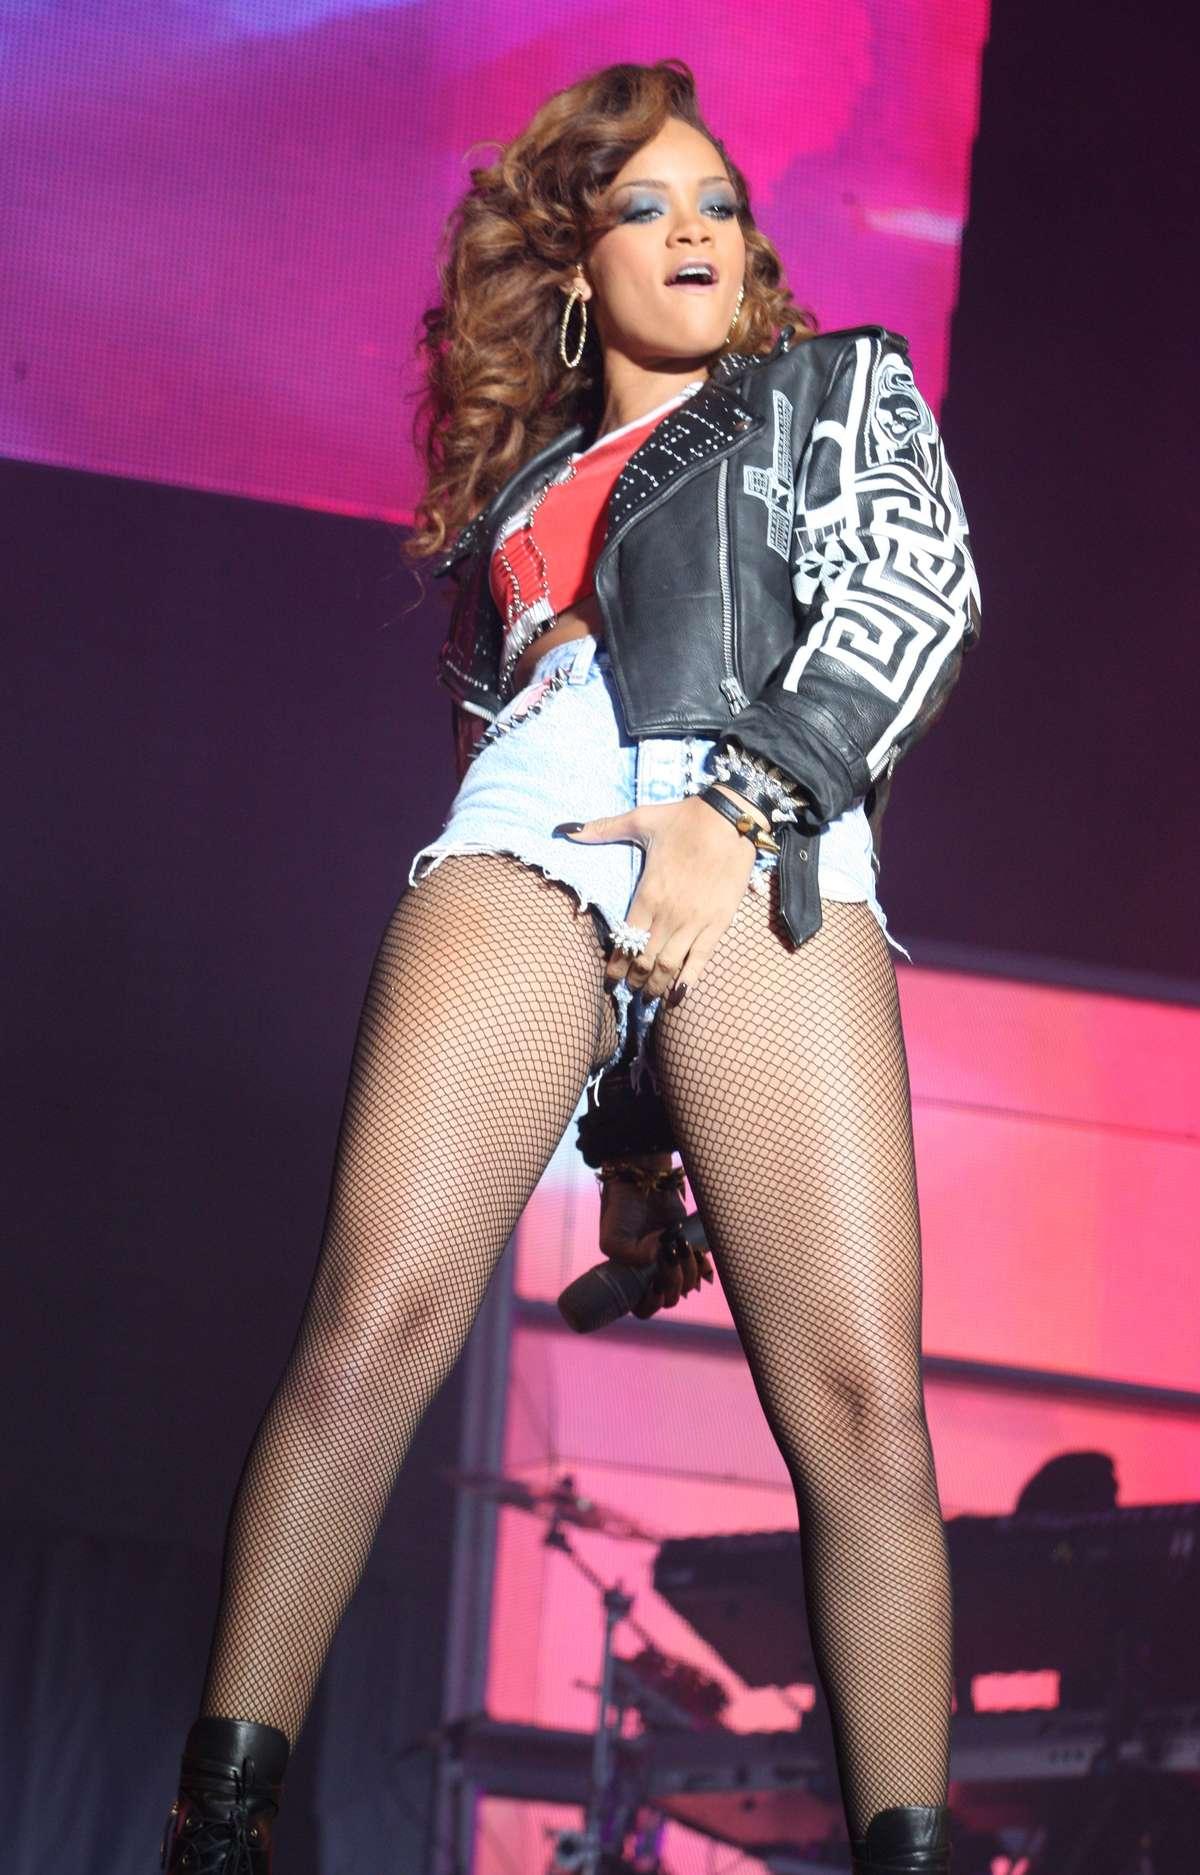 Rihanna – Concert Pics From V Festival 2011 in Weston Park